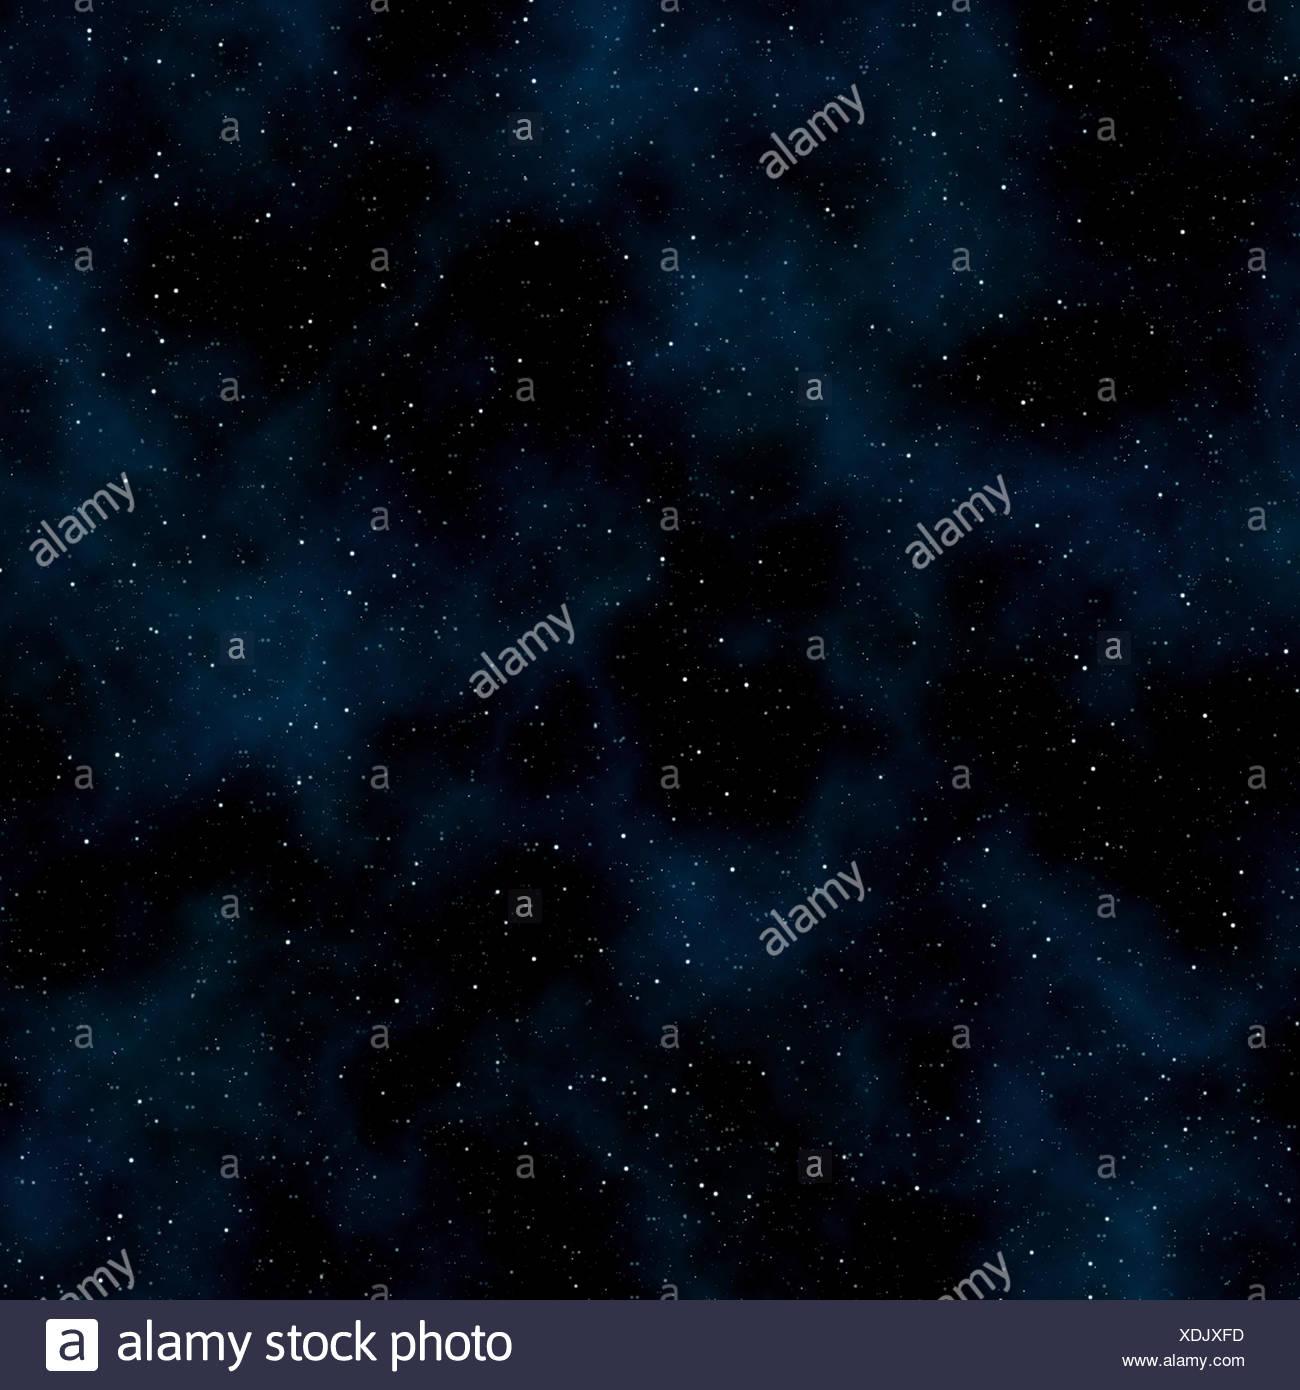 Espacio Abstracto ANTECEDENTES: estrellas y nebulosas Imagen De Stock